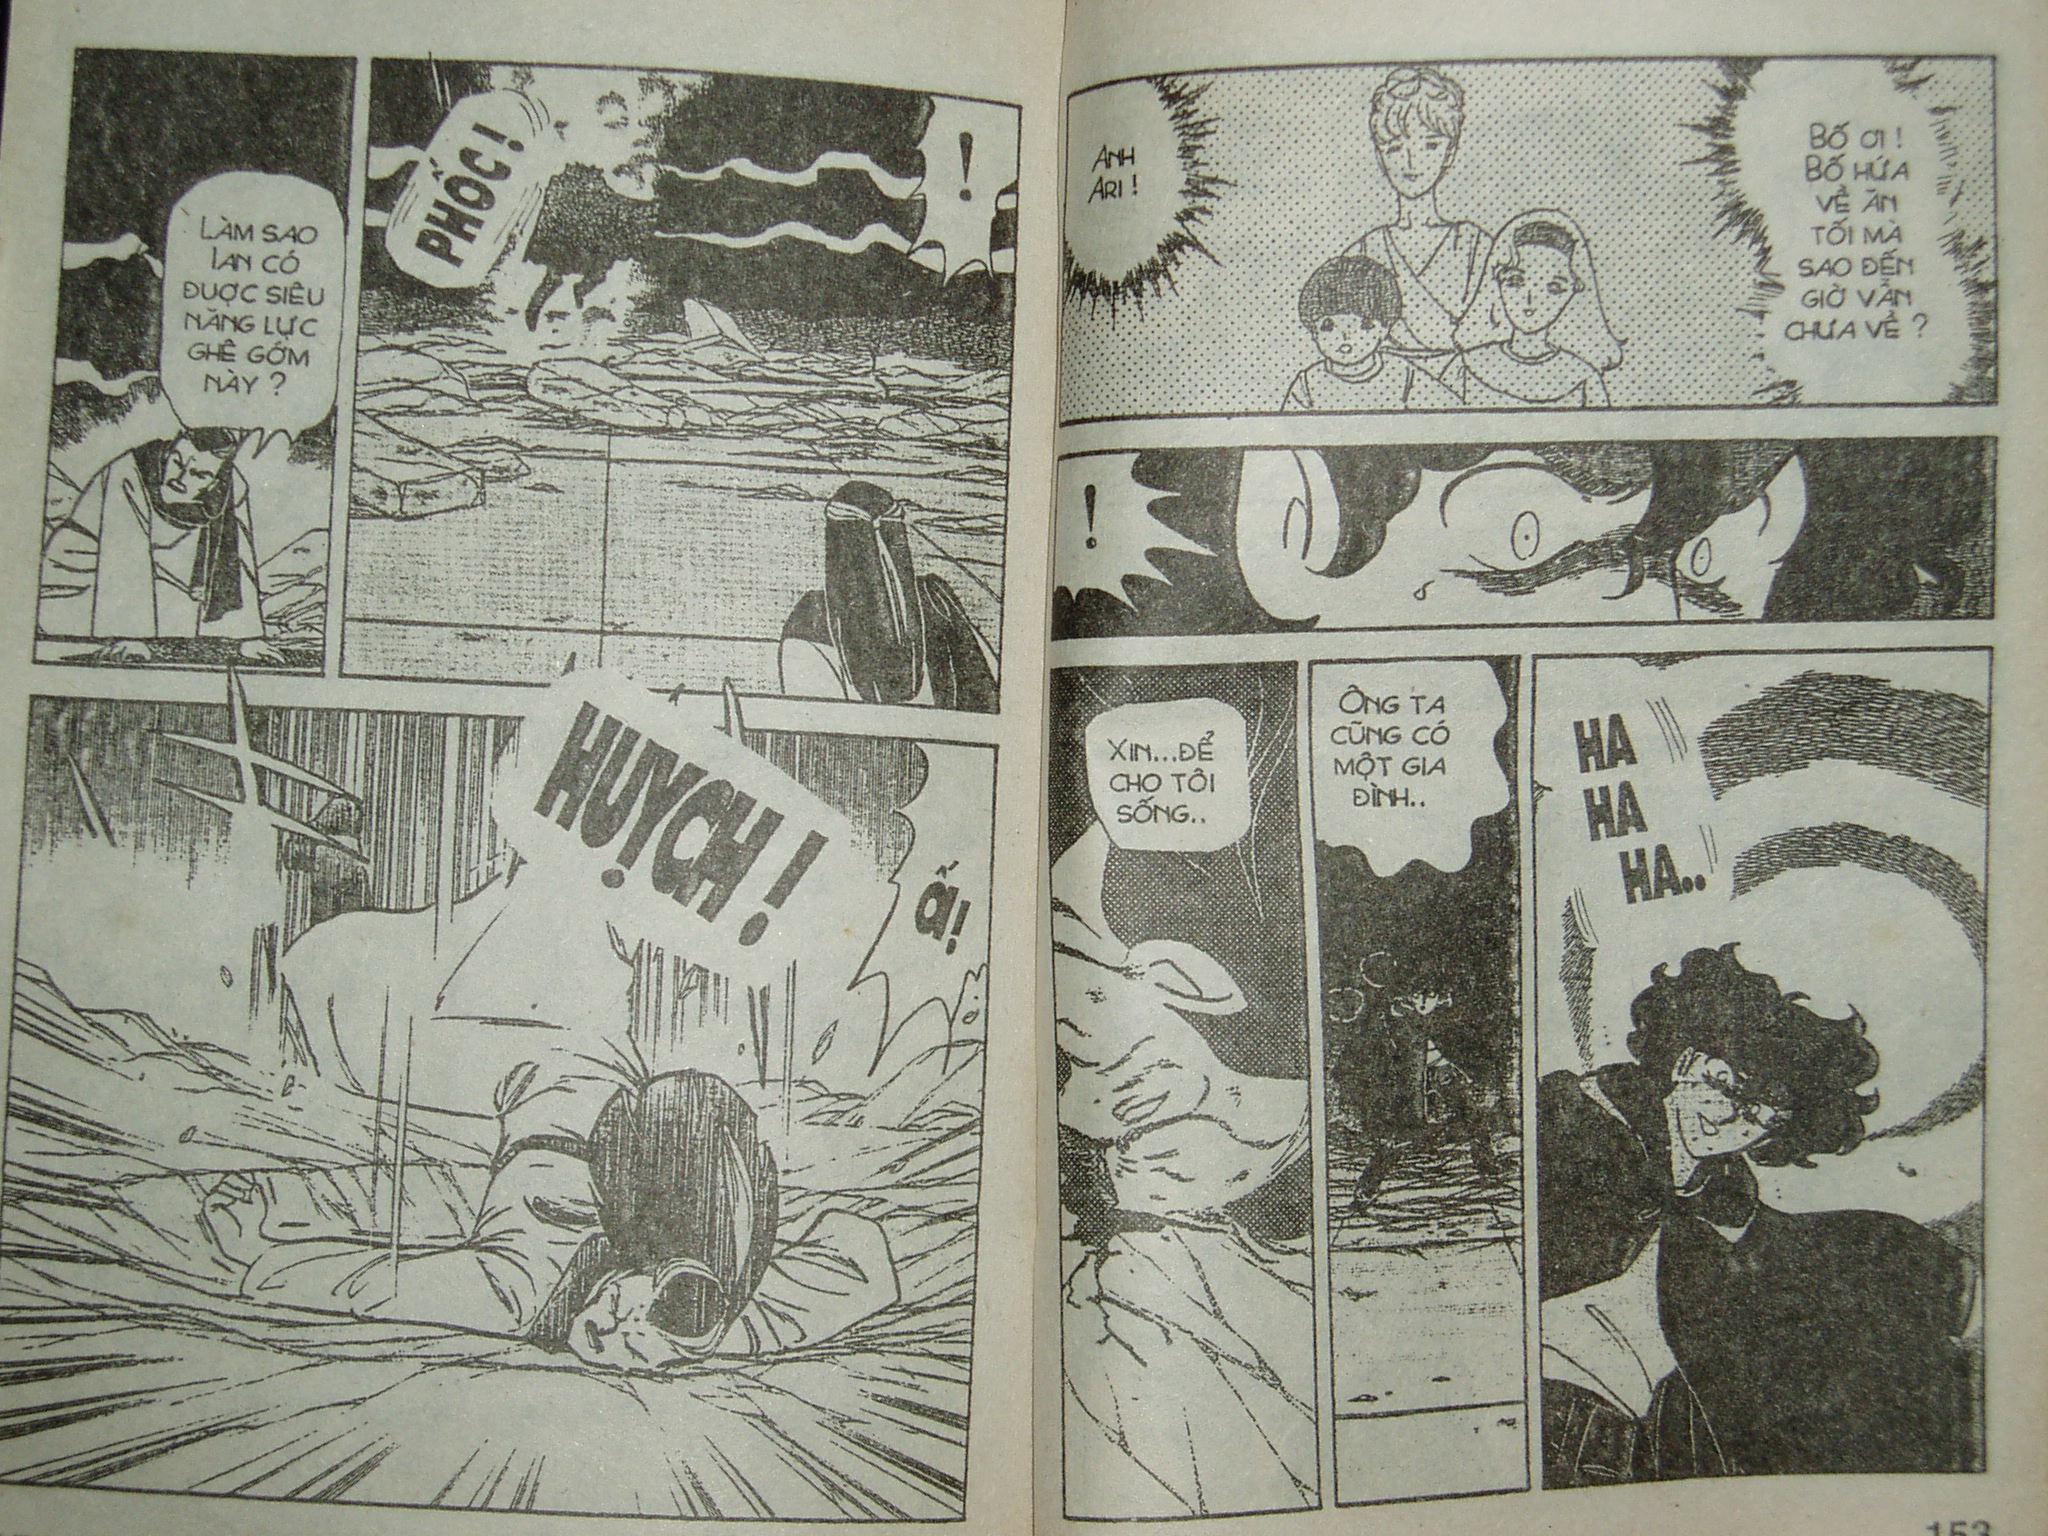 Siêu nhân Locke vol 14 trang 76